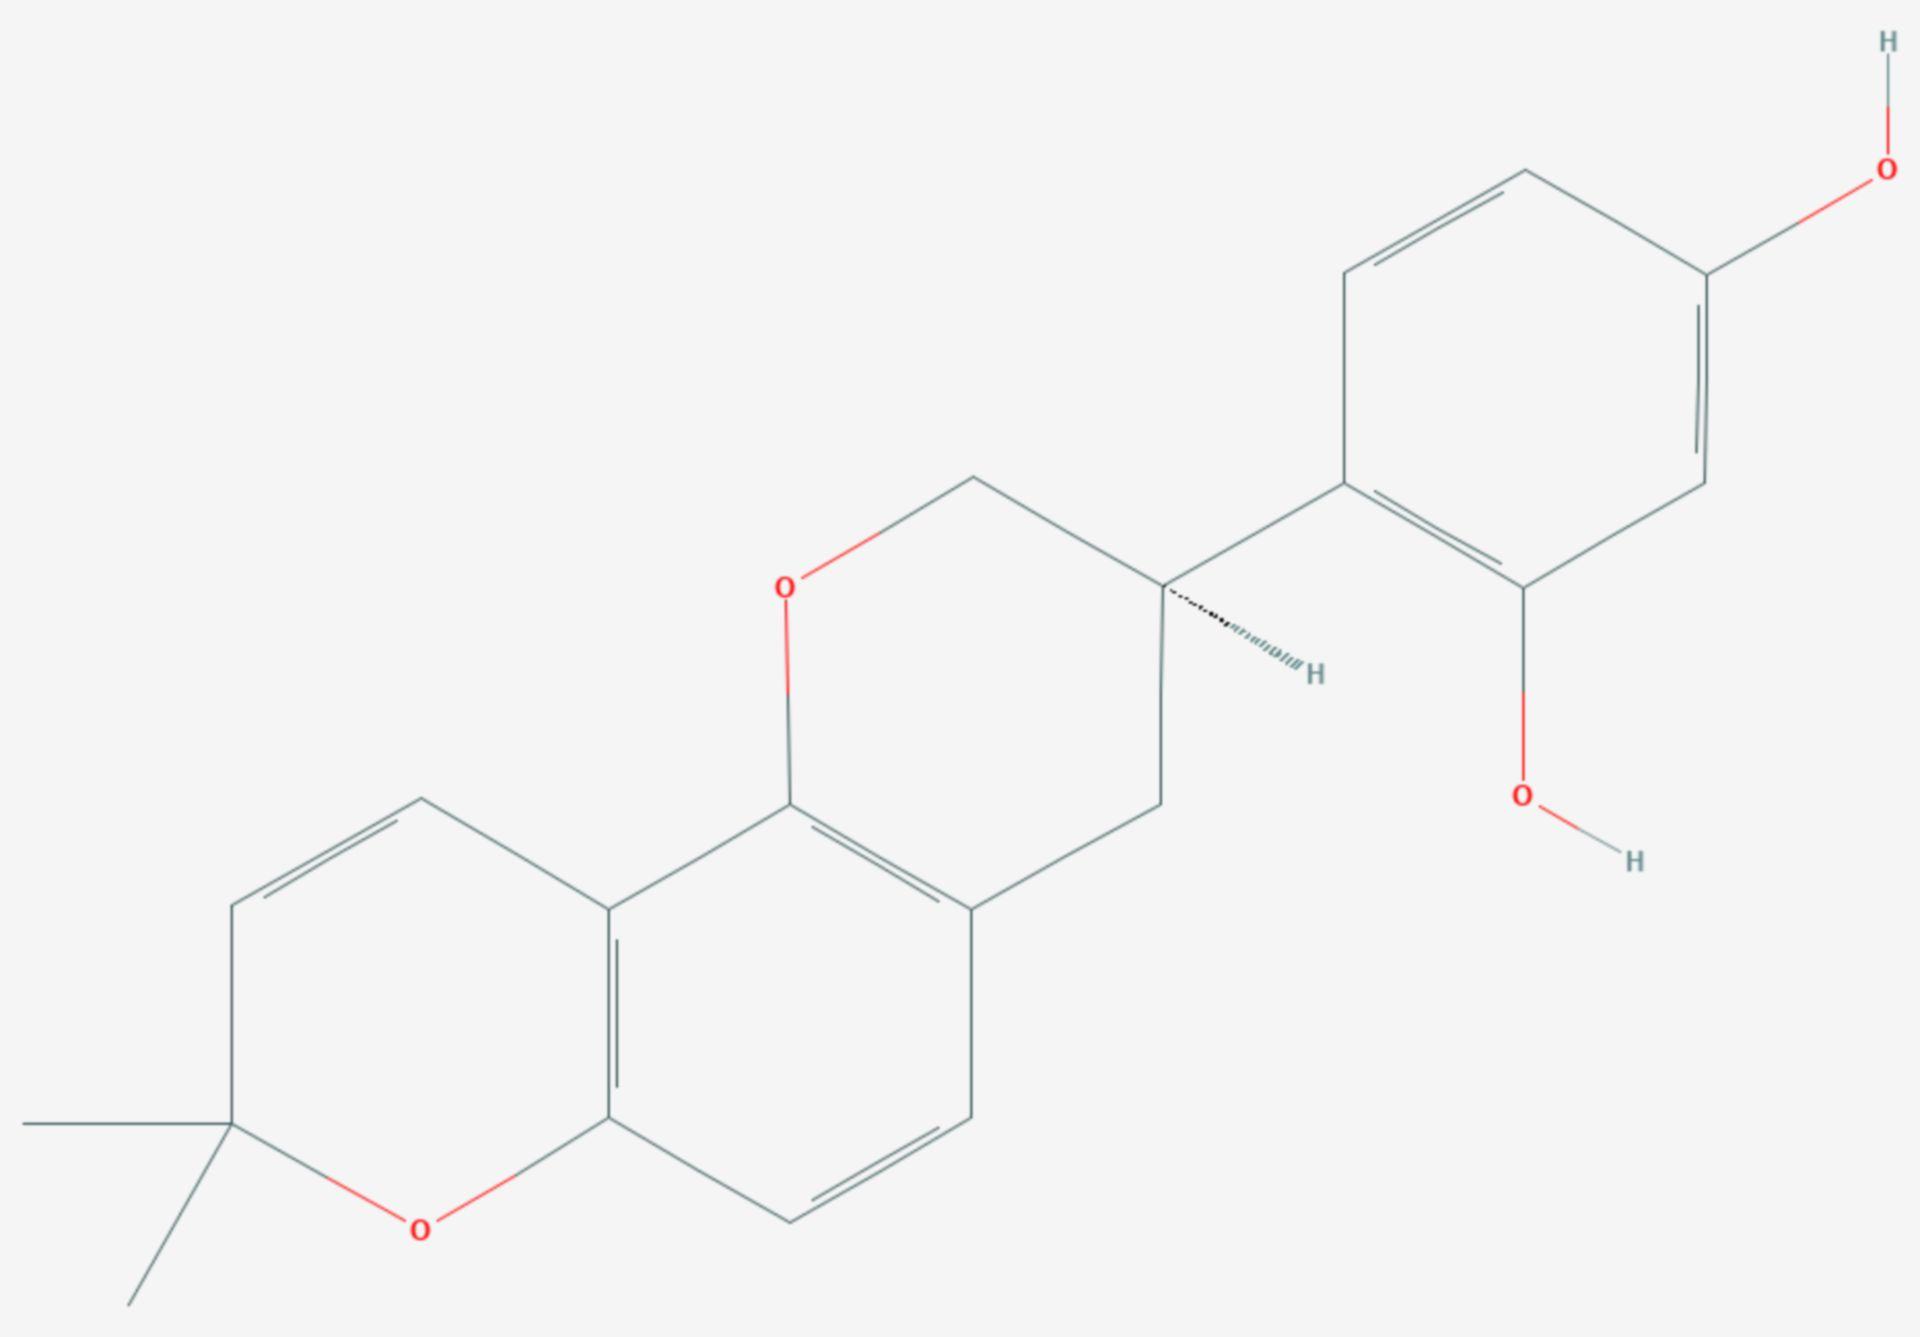 Glabridin (Strukturformel)